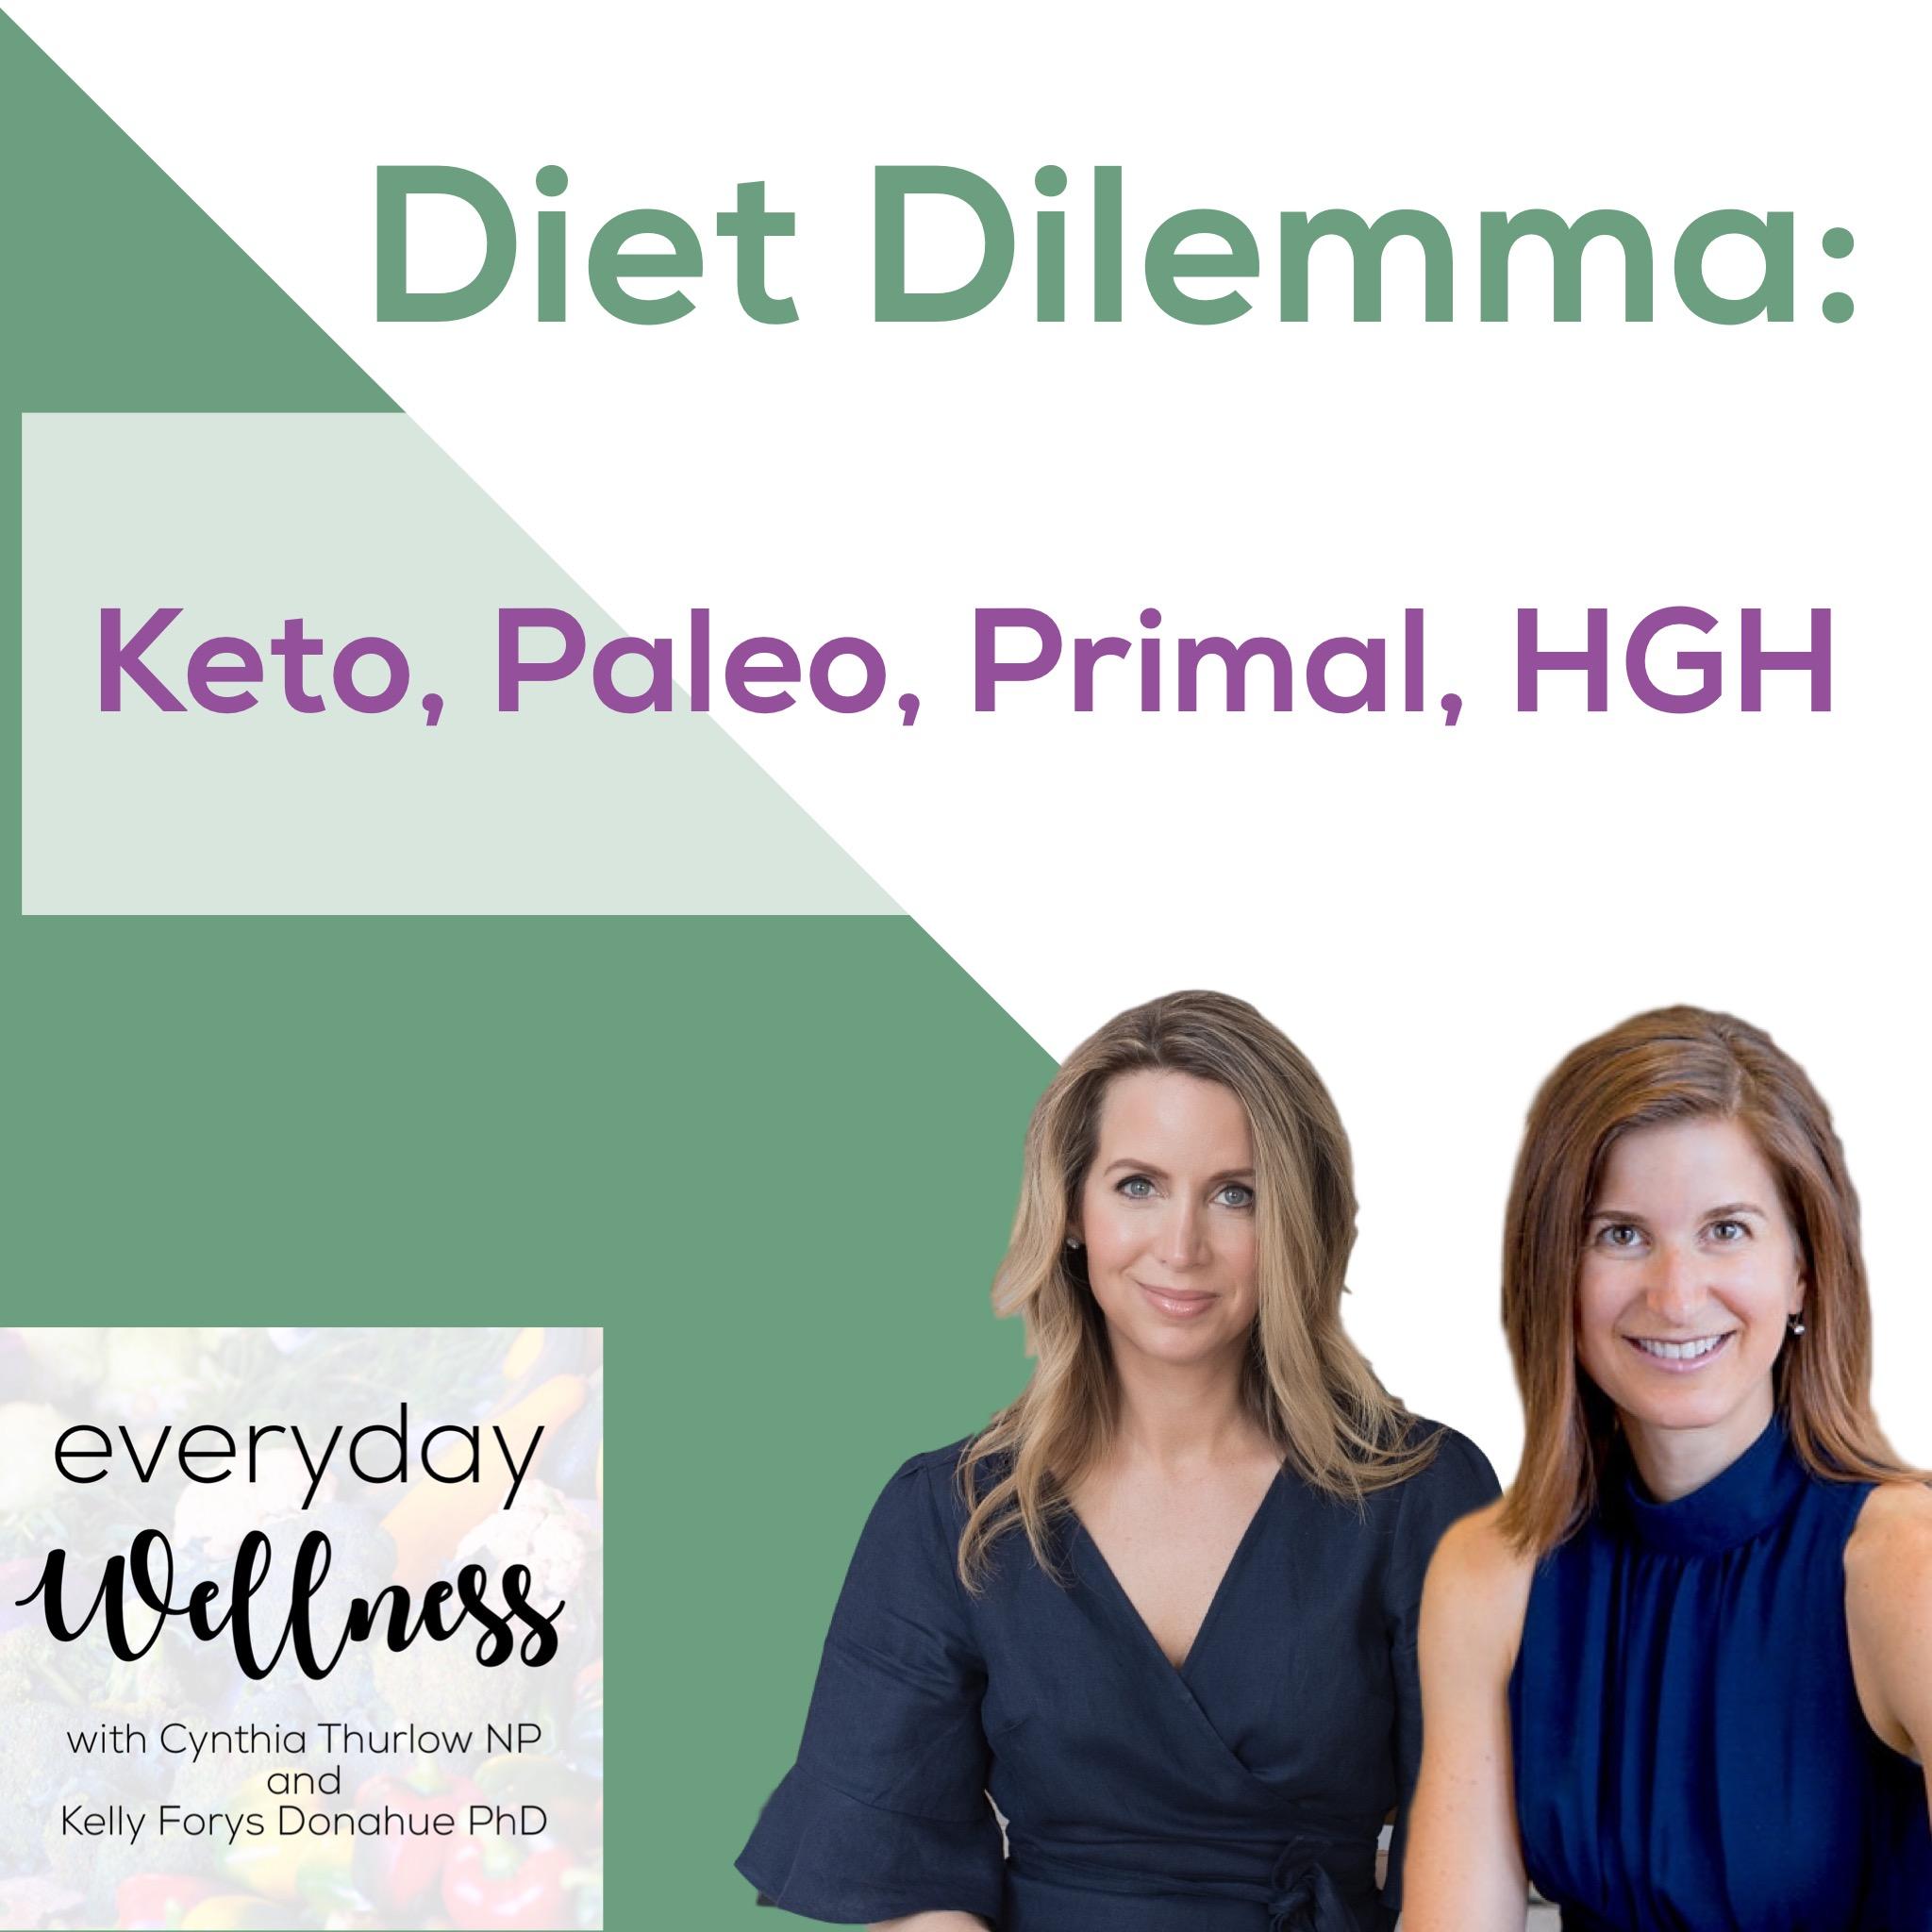 Episode 20: Diet Dilemma